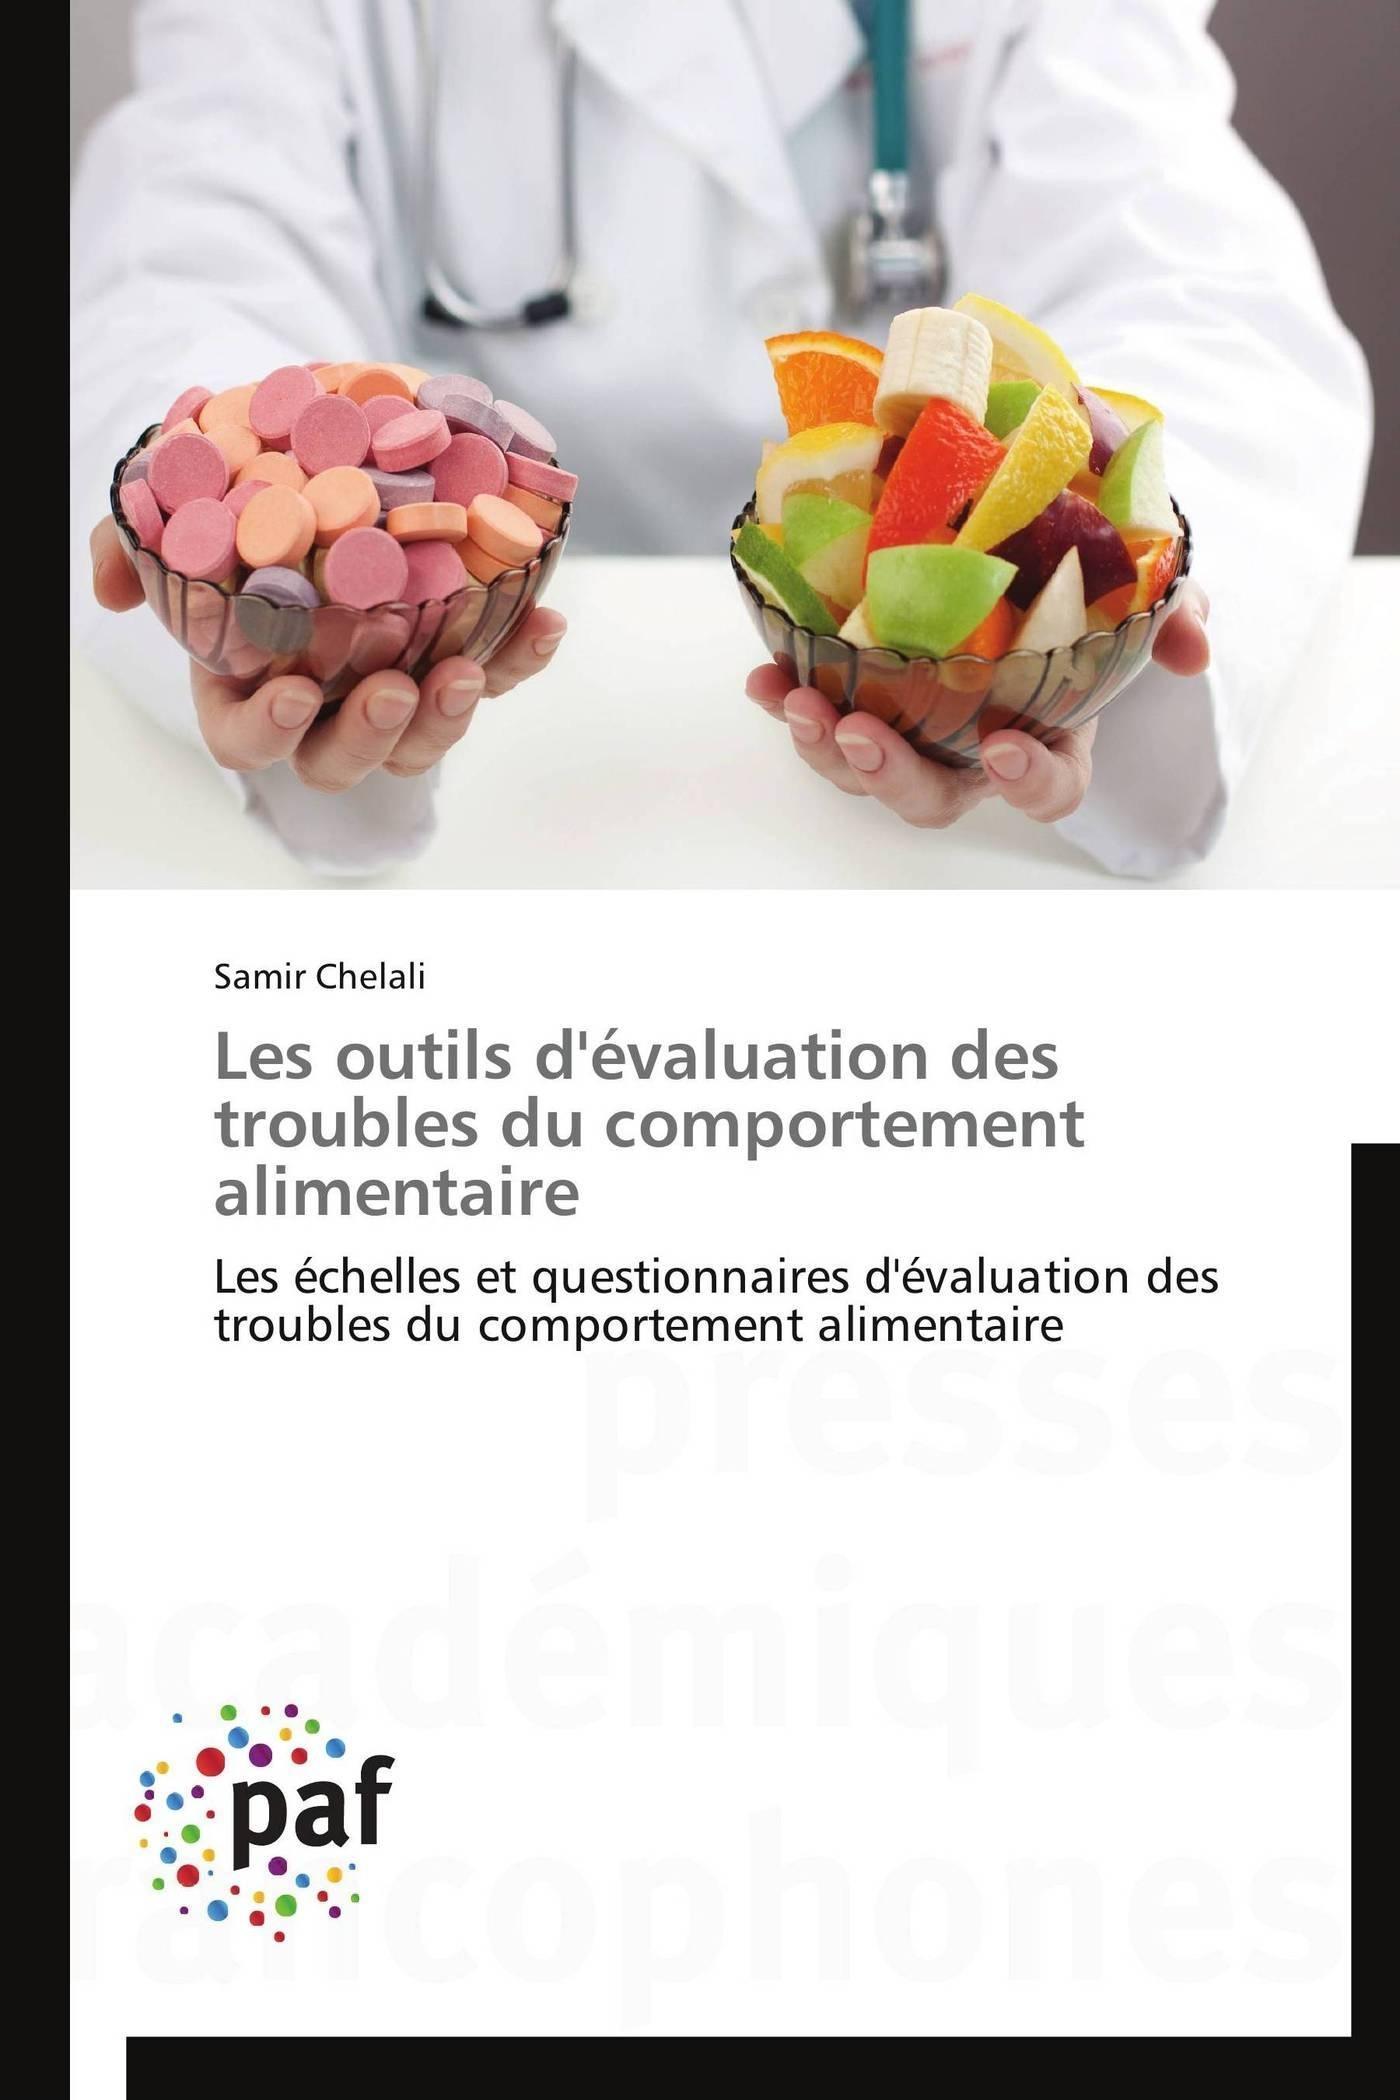 LES OUTILS D'EVALUATION DES TROUBLES DU COMPORTEMENT ALIMENTAIRE